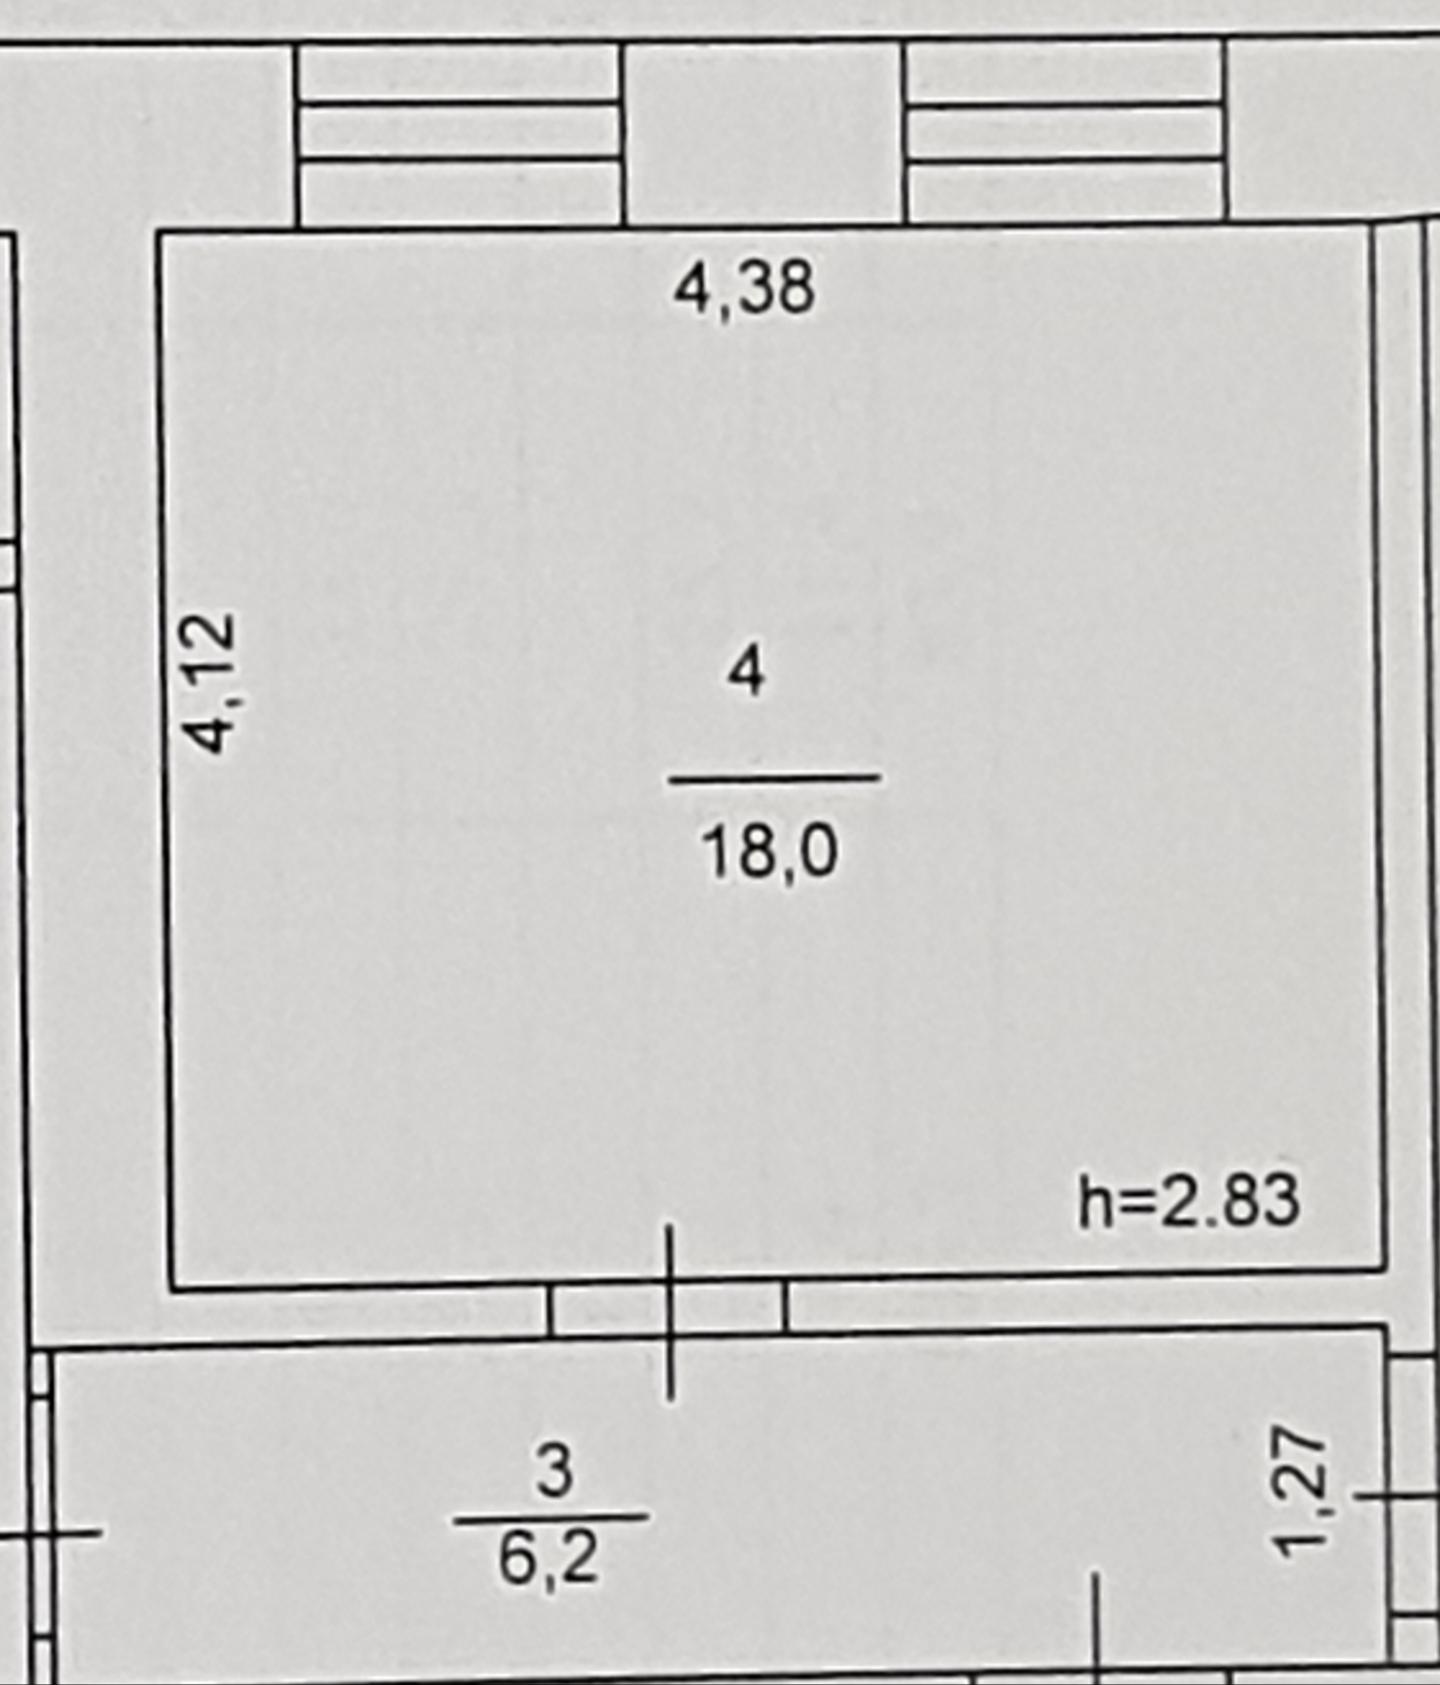 Аукціон на продовження договору оренди нежитлового приміщення, площею 21,4 кв.м. за  адресою: м.Світловодськ, вул. Михайла Грушевського,18